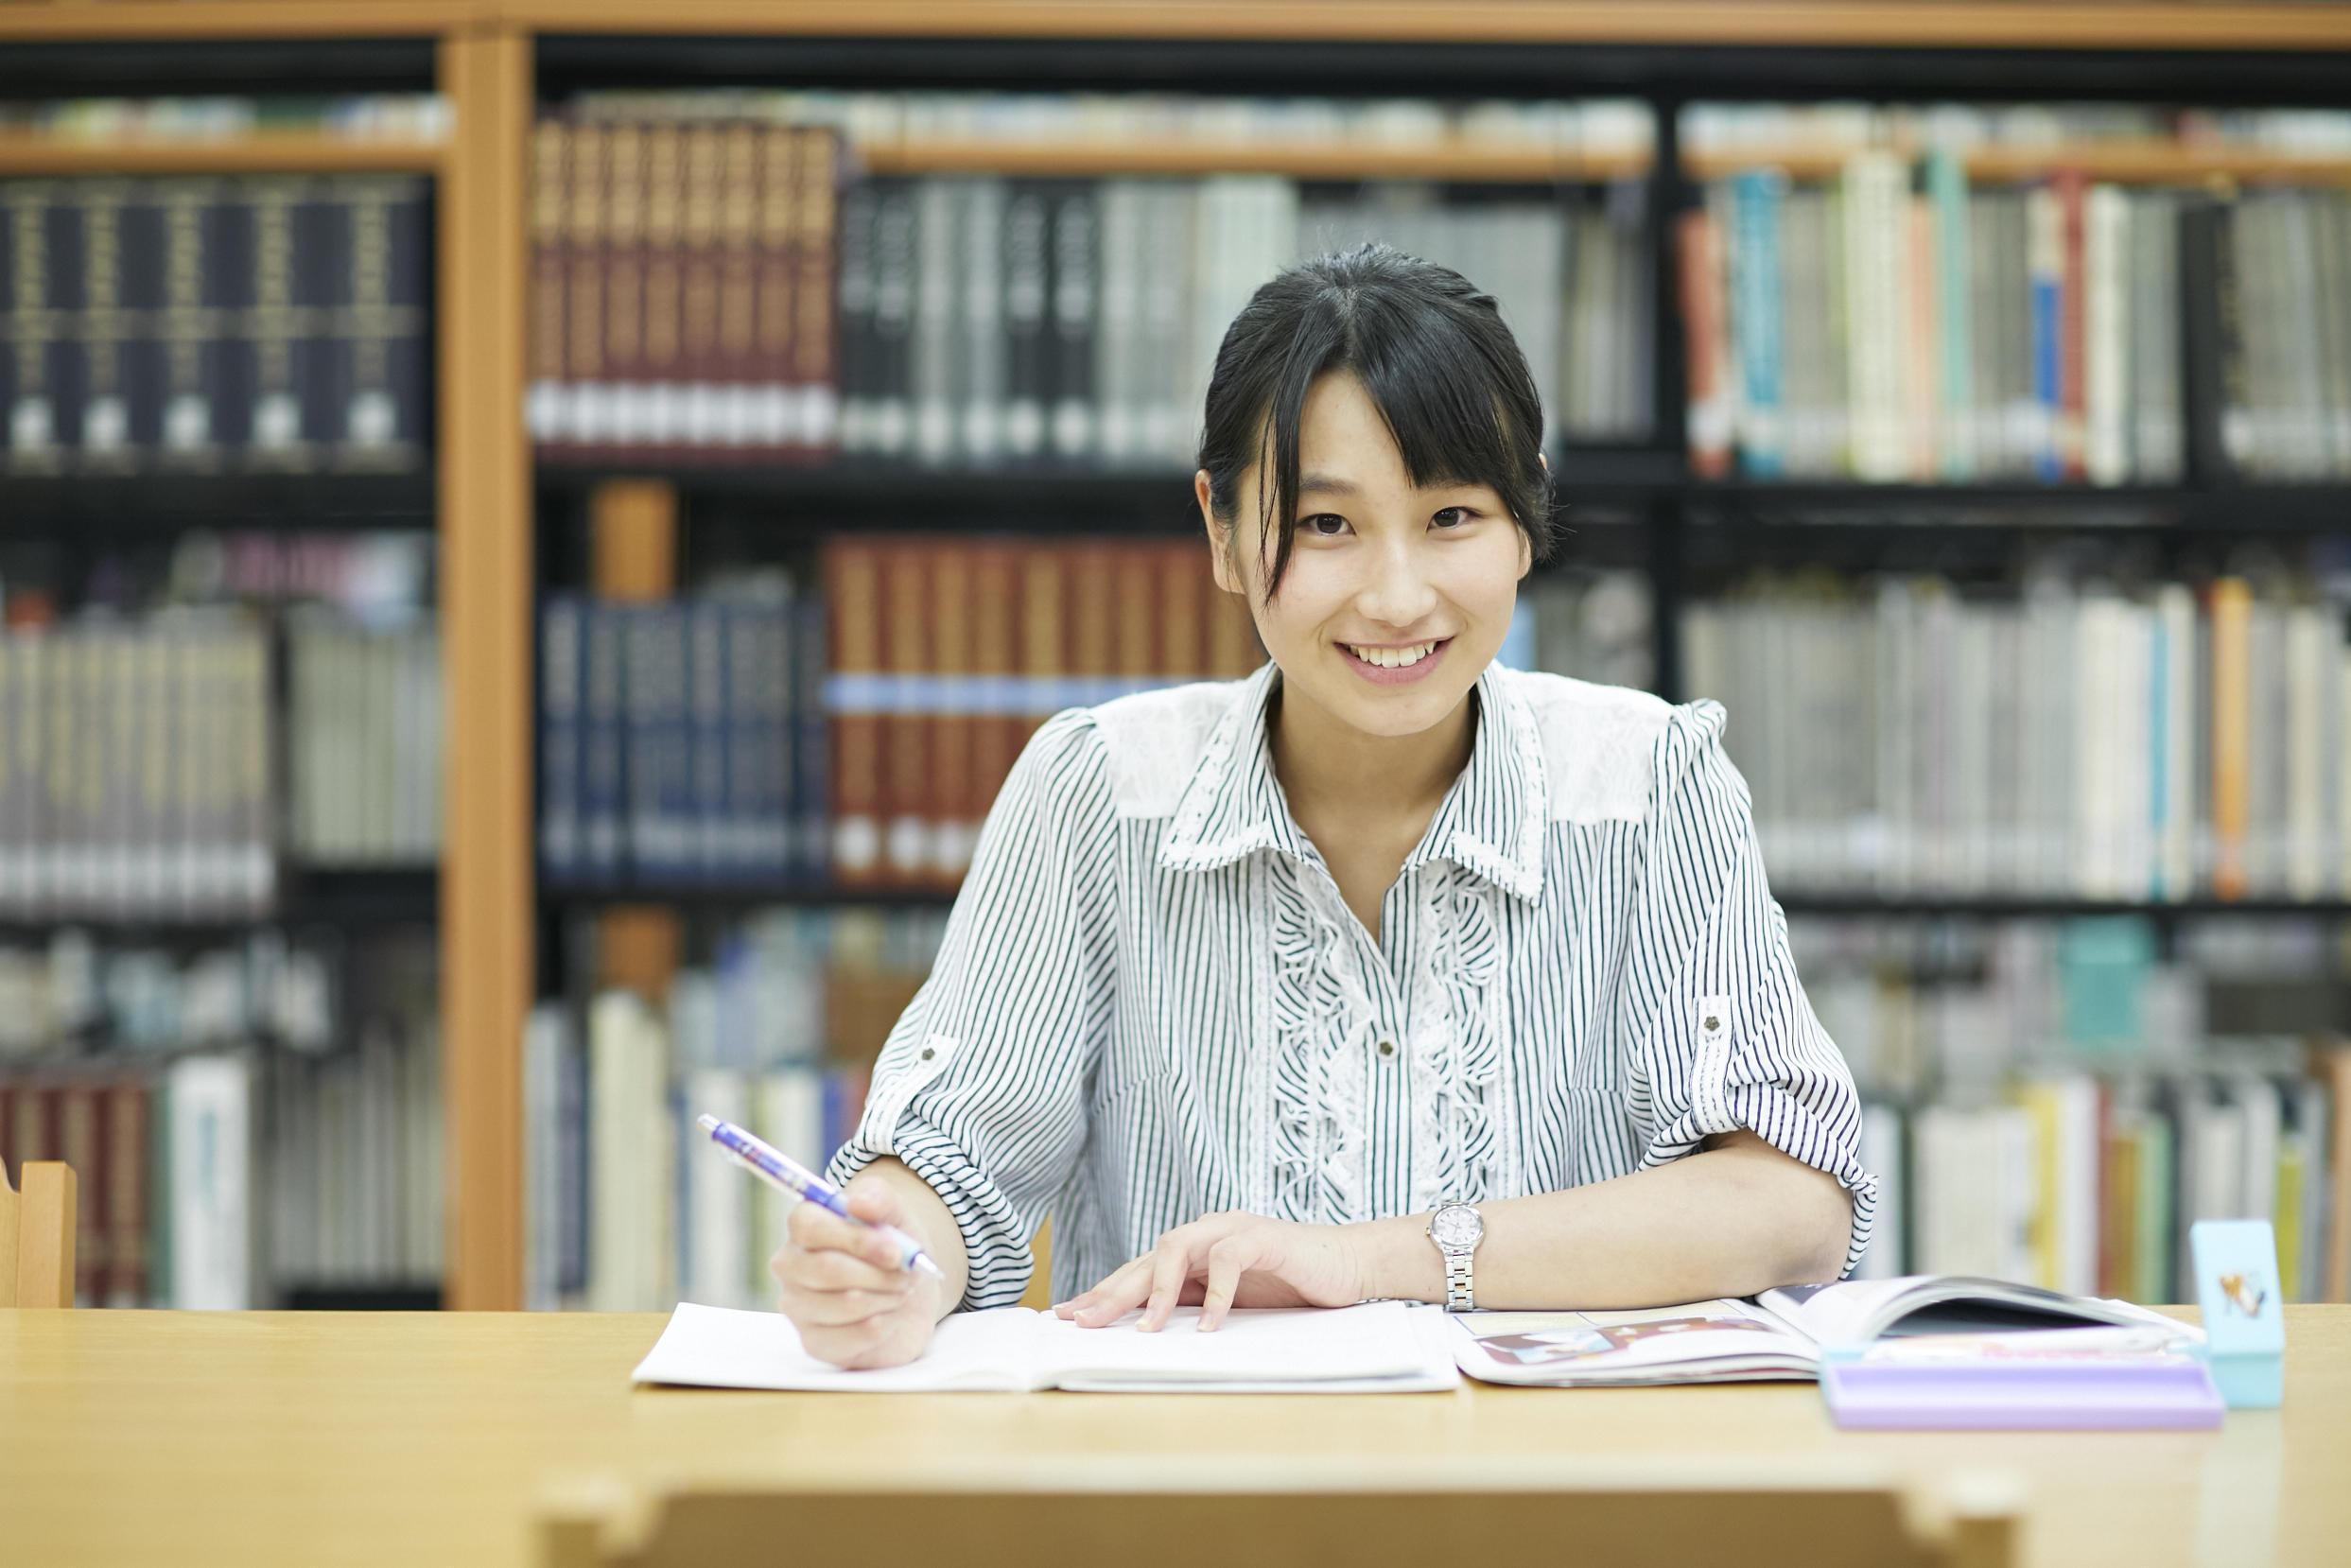 江戸川大学総合情報図書館の読書推進活動 -- 「ブックハンティング」や「多読賞」などを展開